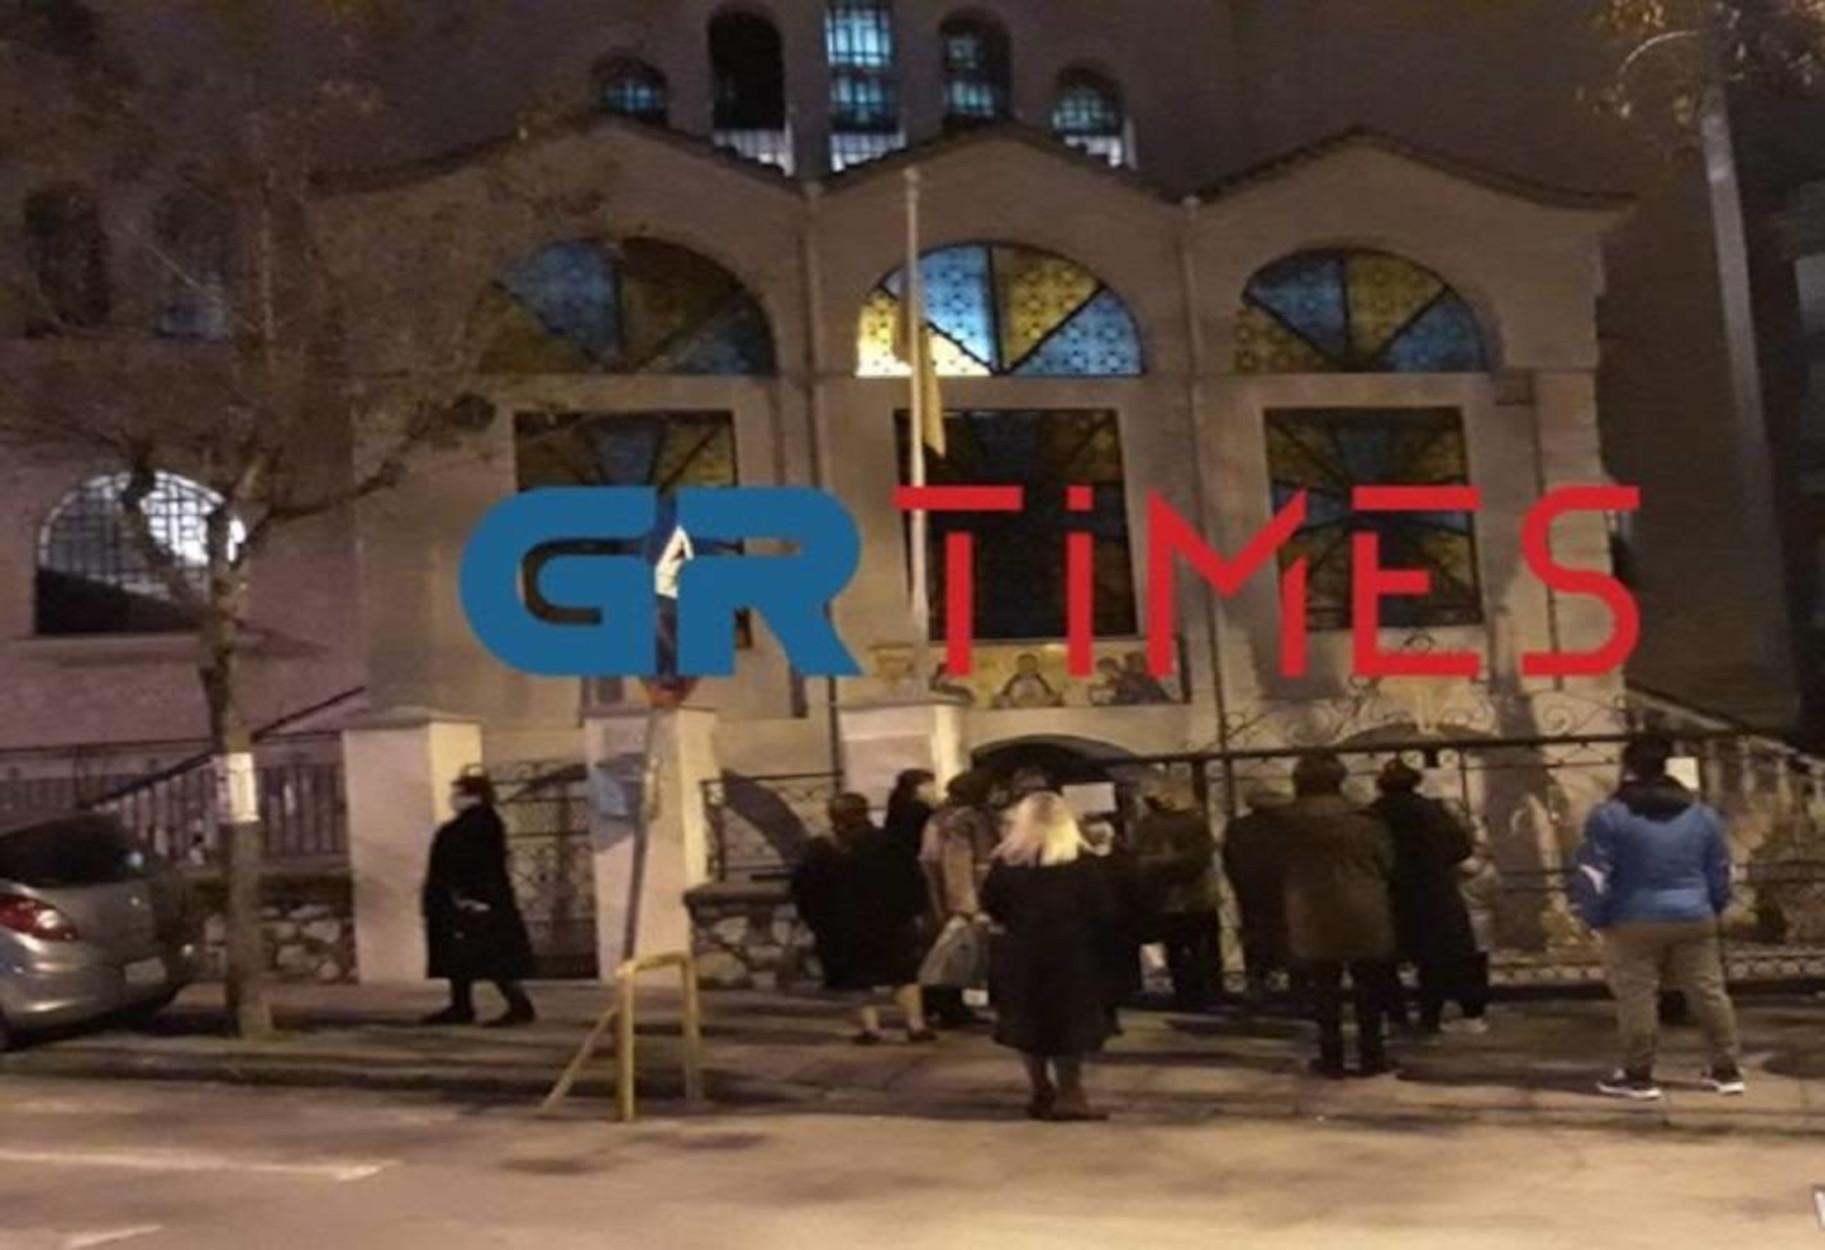 Θεοφάνια: Ουρές από τα χαράματα έξω από τις εκκλησίες της Θεσσαλονίκης (pics, video)